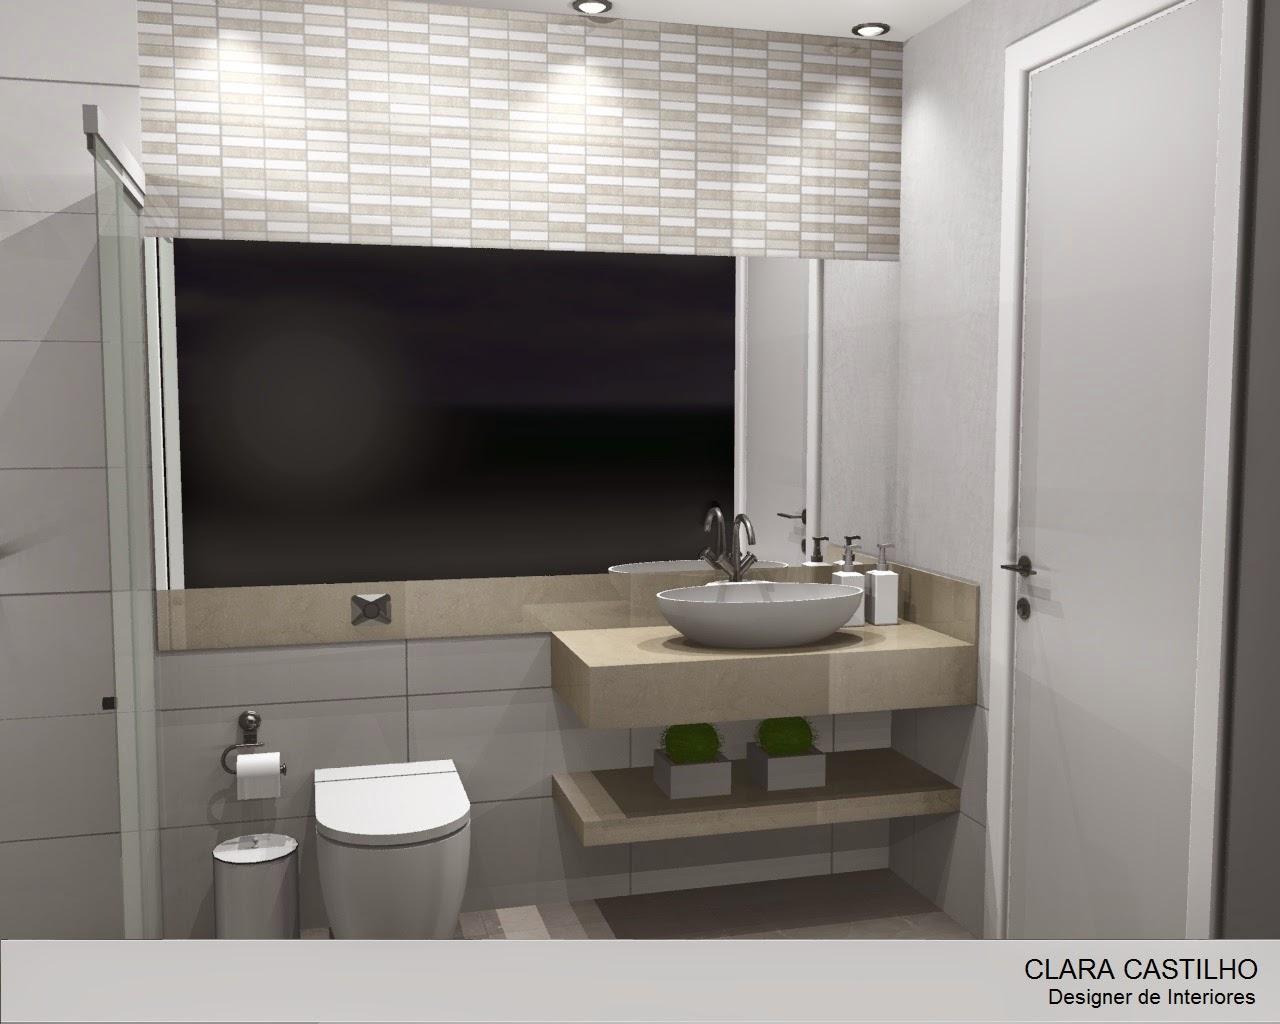 Cuba Para Banheiro Cor Cinza  gotoworldfrcom decoração de banheiro simples  -> Decoracao De Banheiro Na Cor Cinza